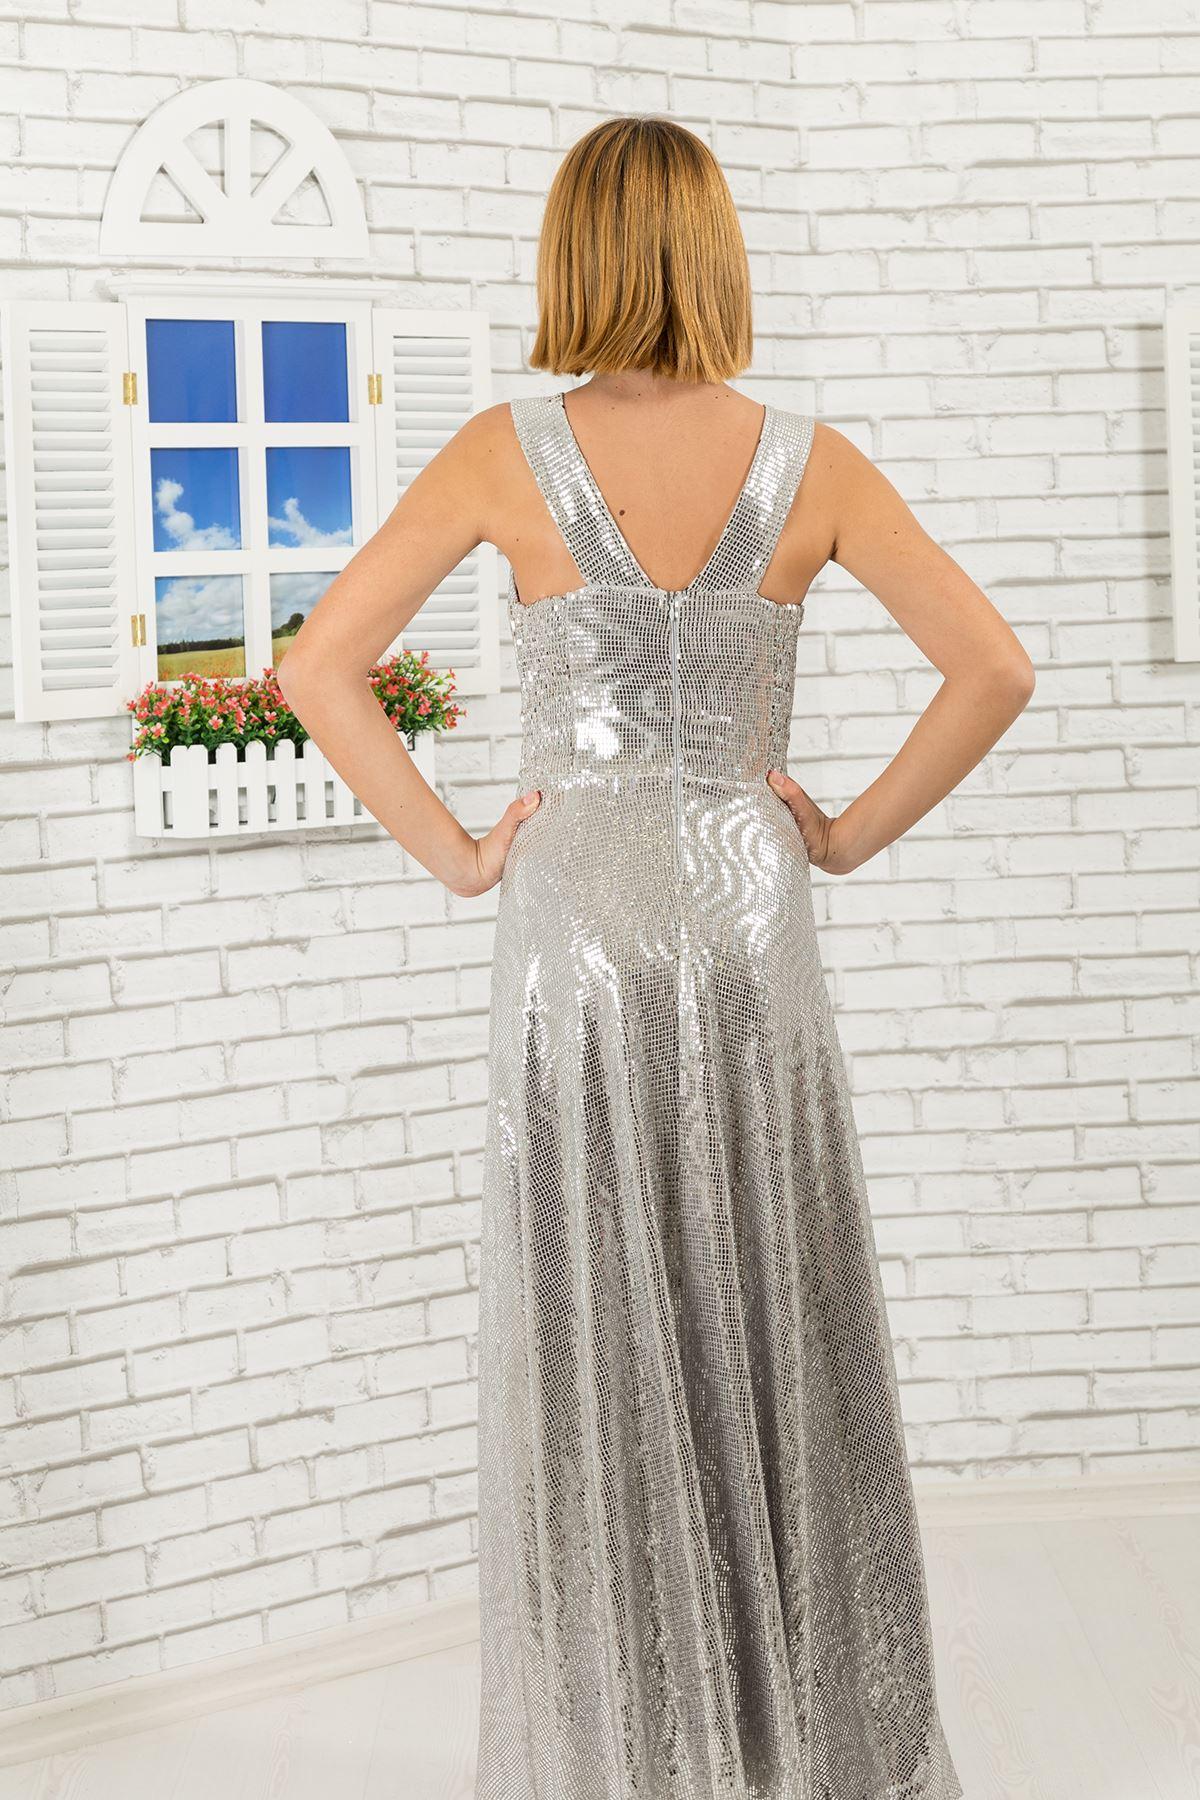 Πούλιες ύφασμα, v-neck κορίτσι βραδινό φόρεμα 475 γκρι